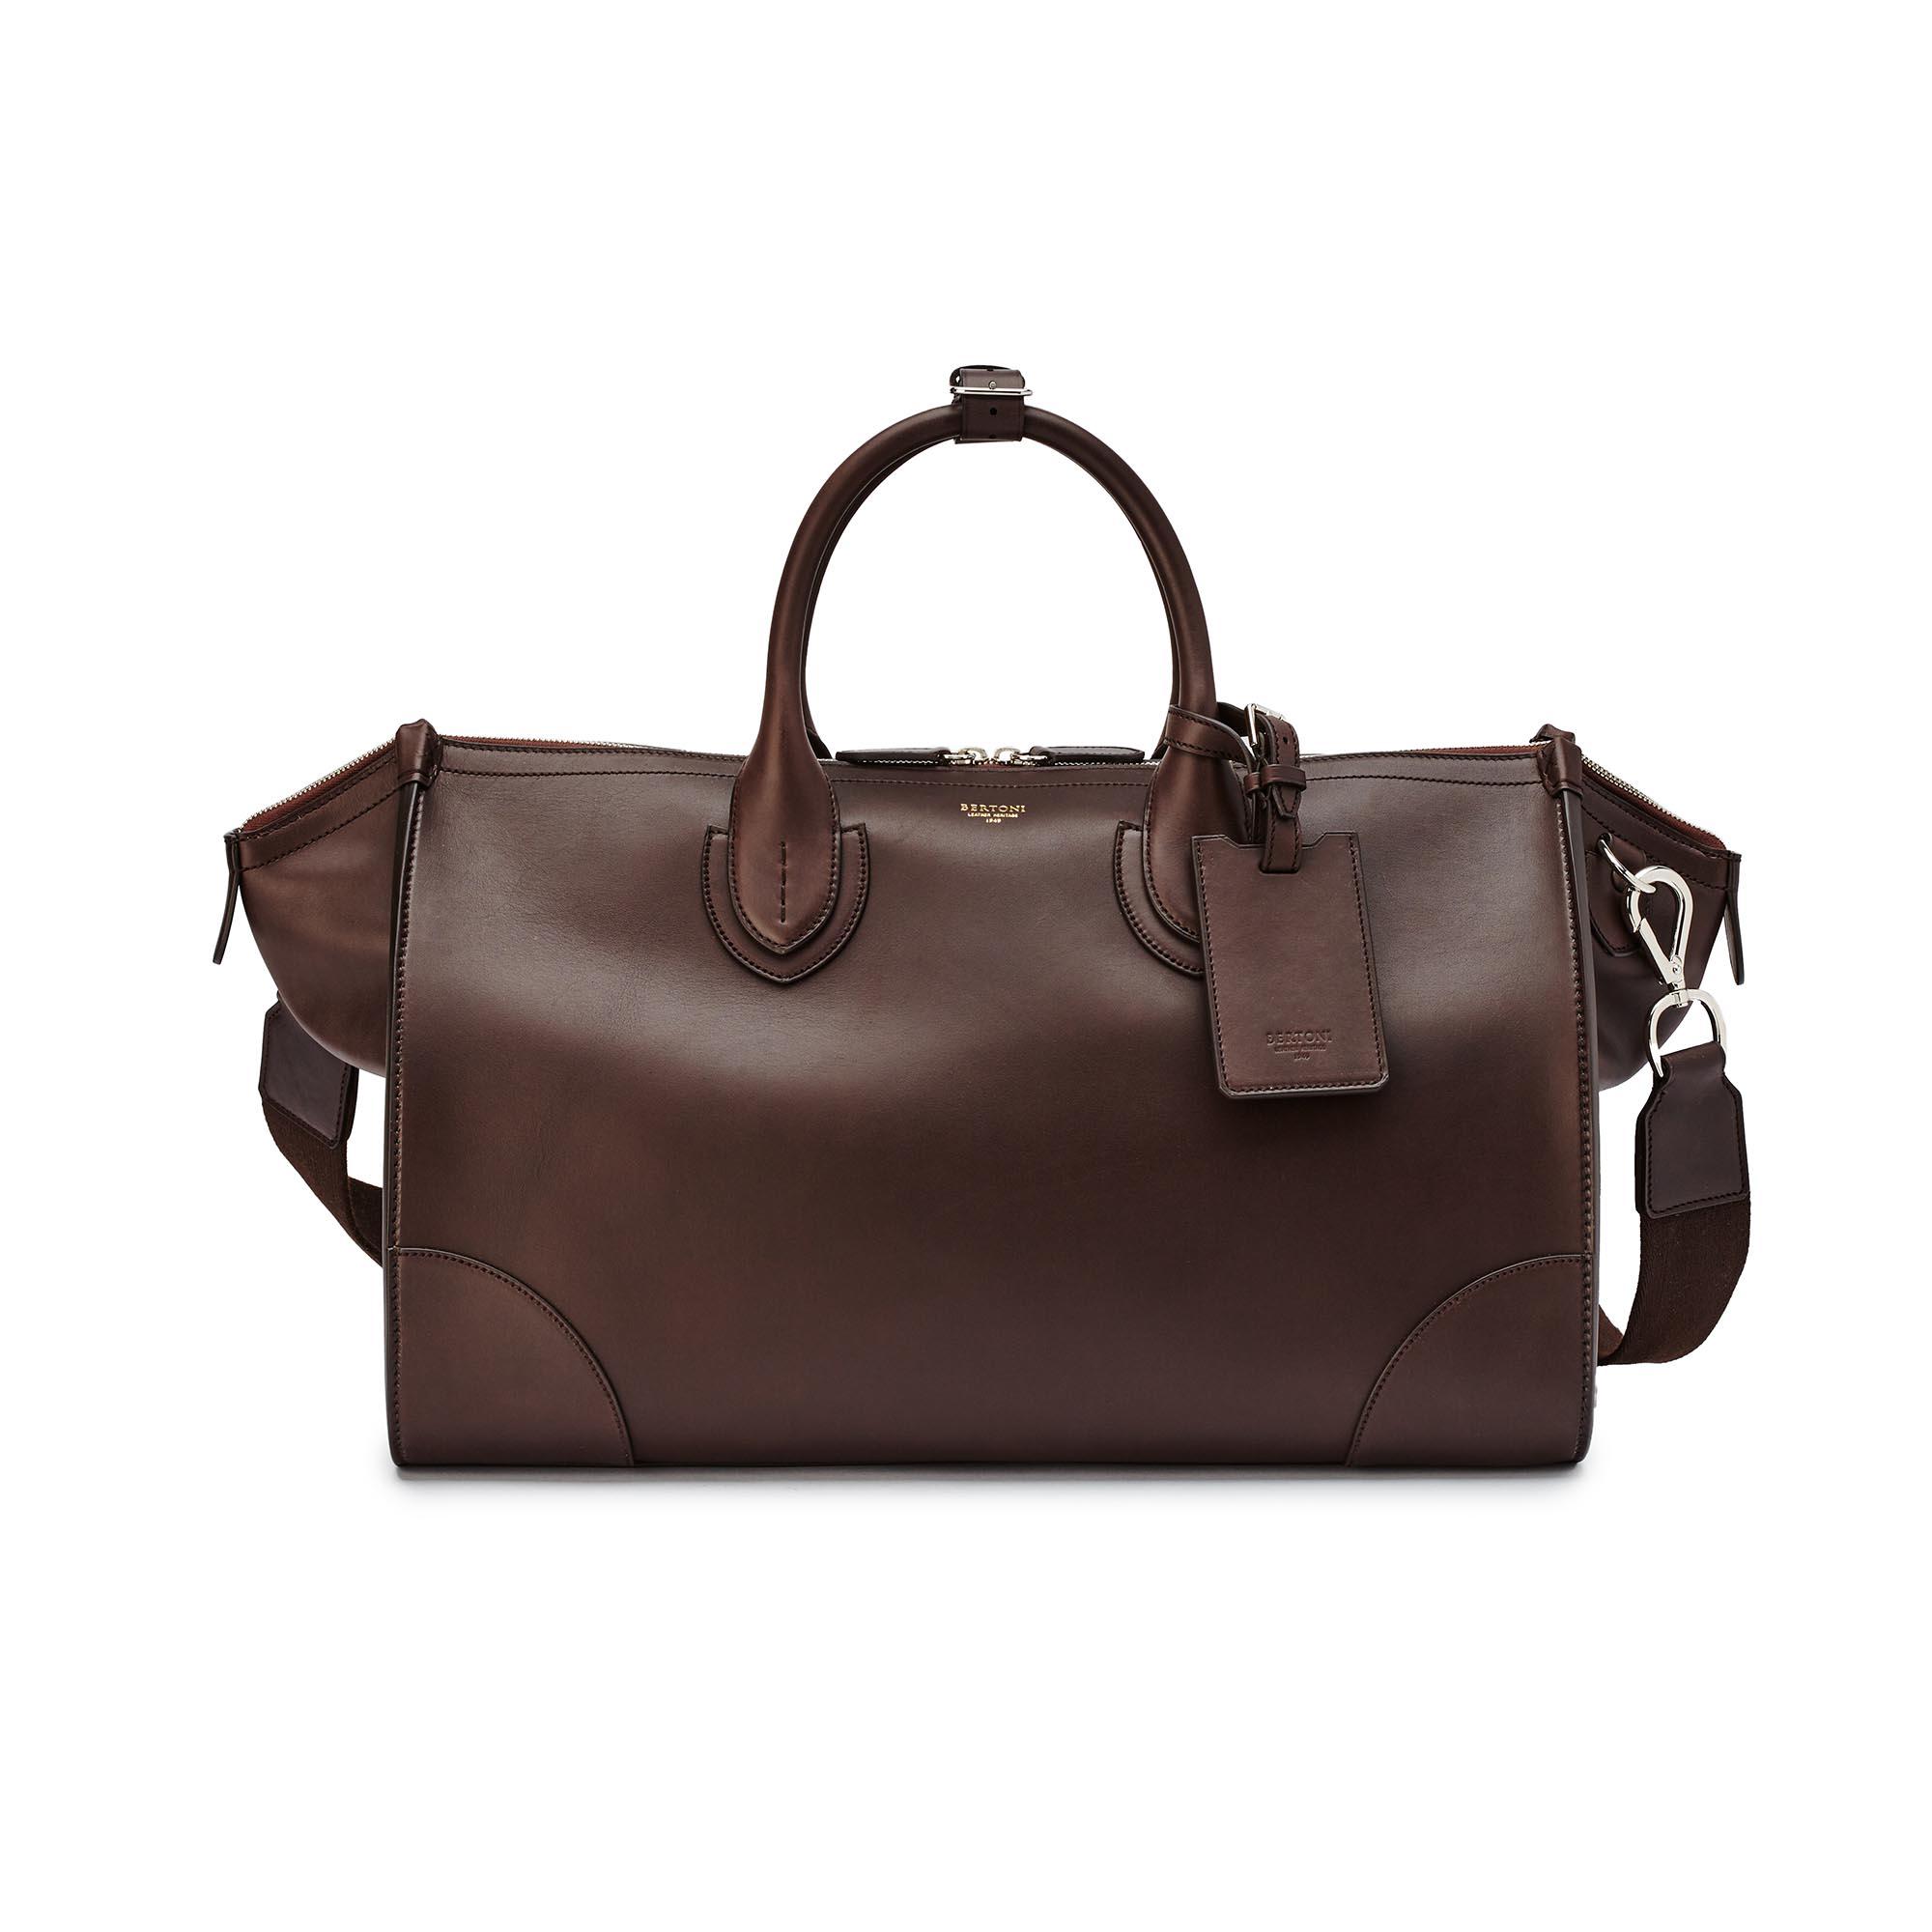 EW-Gulliver-dark-brown-french-calf-bag-Bertoni-1949_02